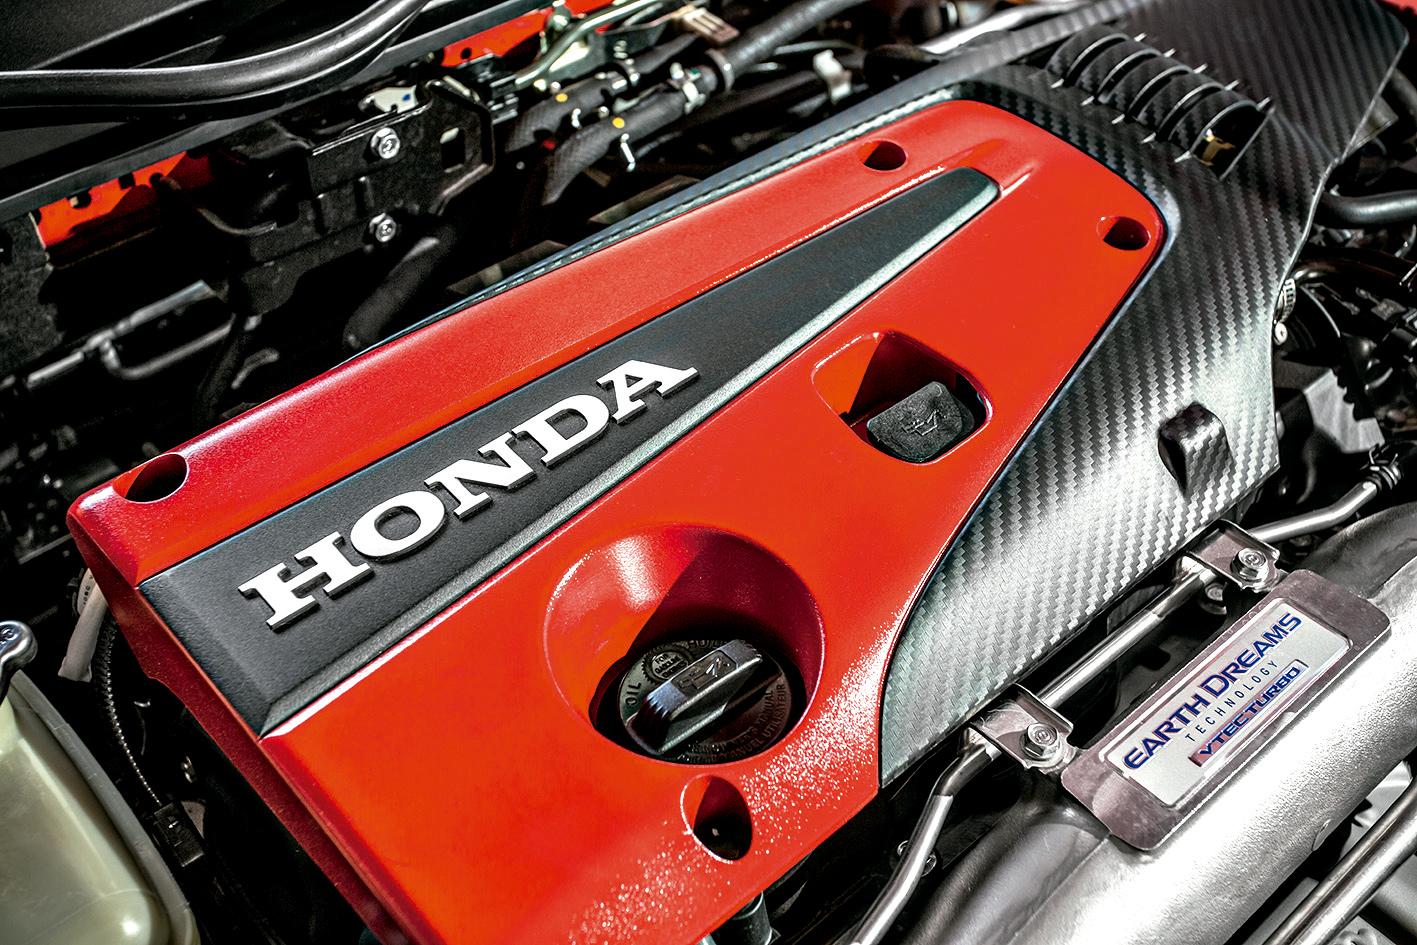 Motor 2.0 usa um turbo com 1,6 bar